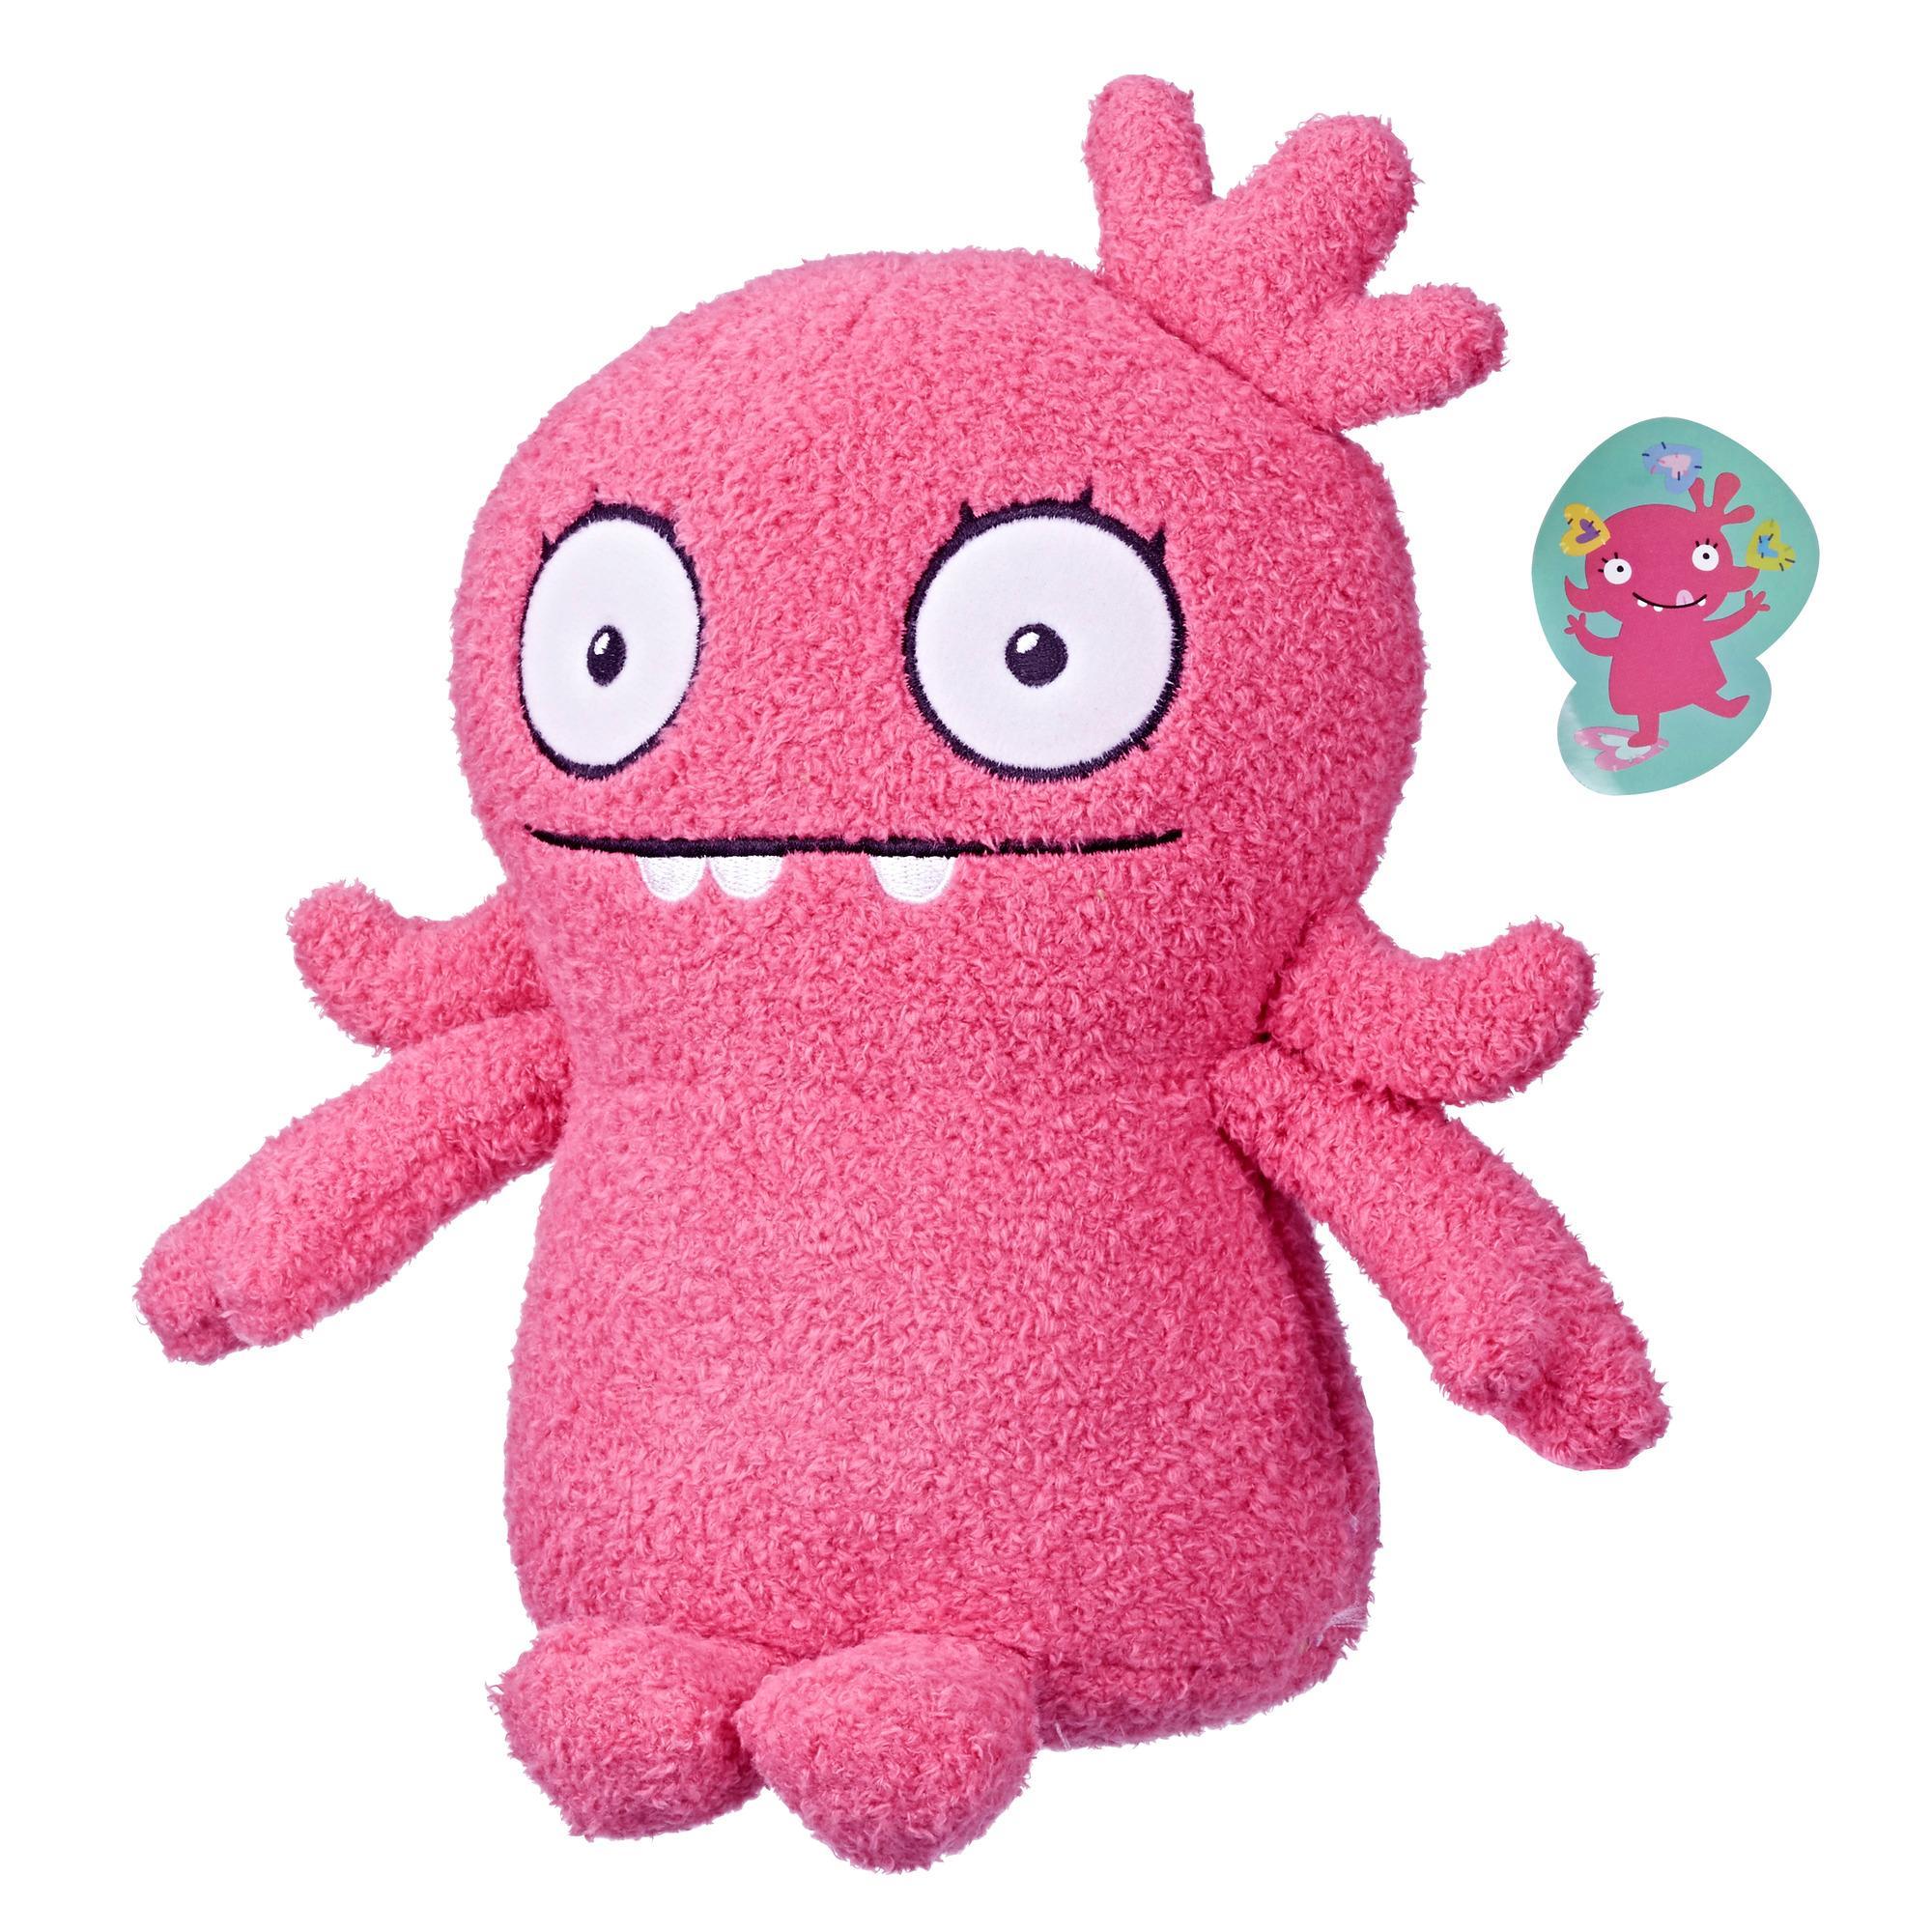 UglyDolls Atenciosamente, Moxy - Brinquedo de Pelúcia de 25 cm